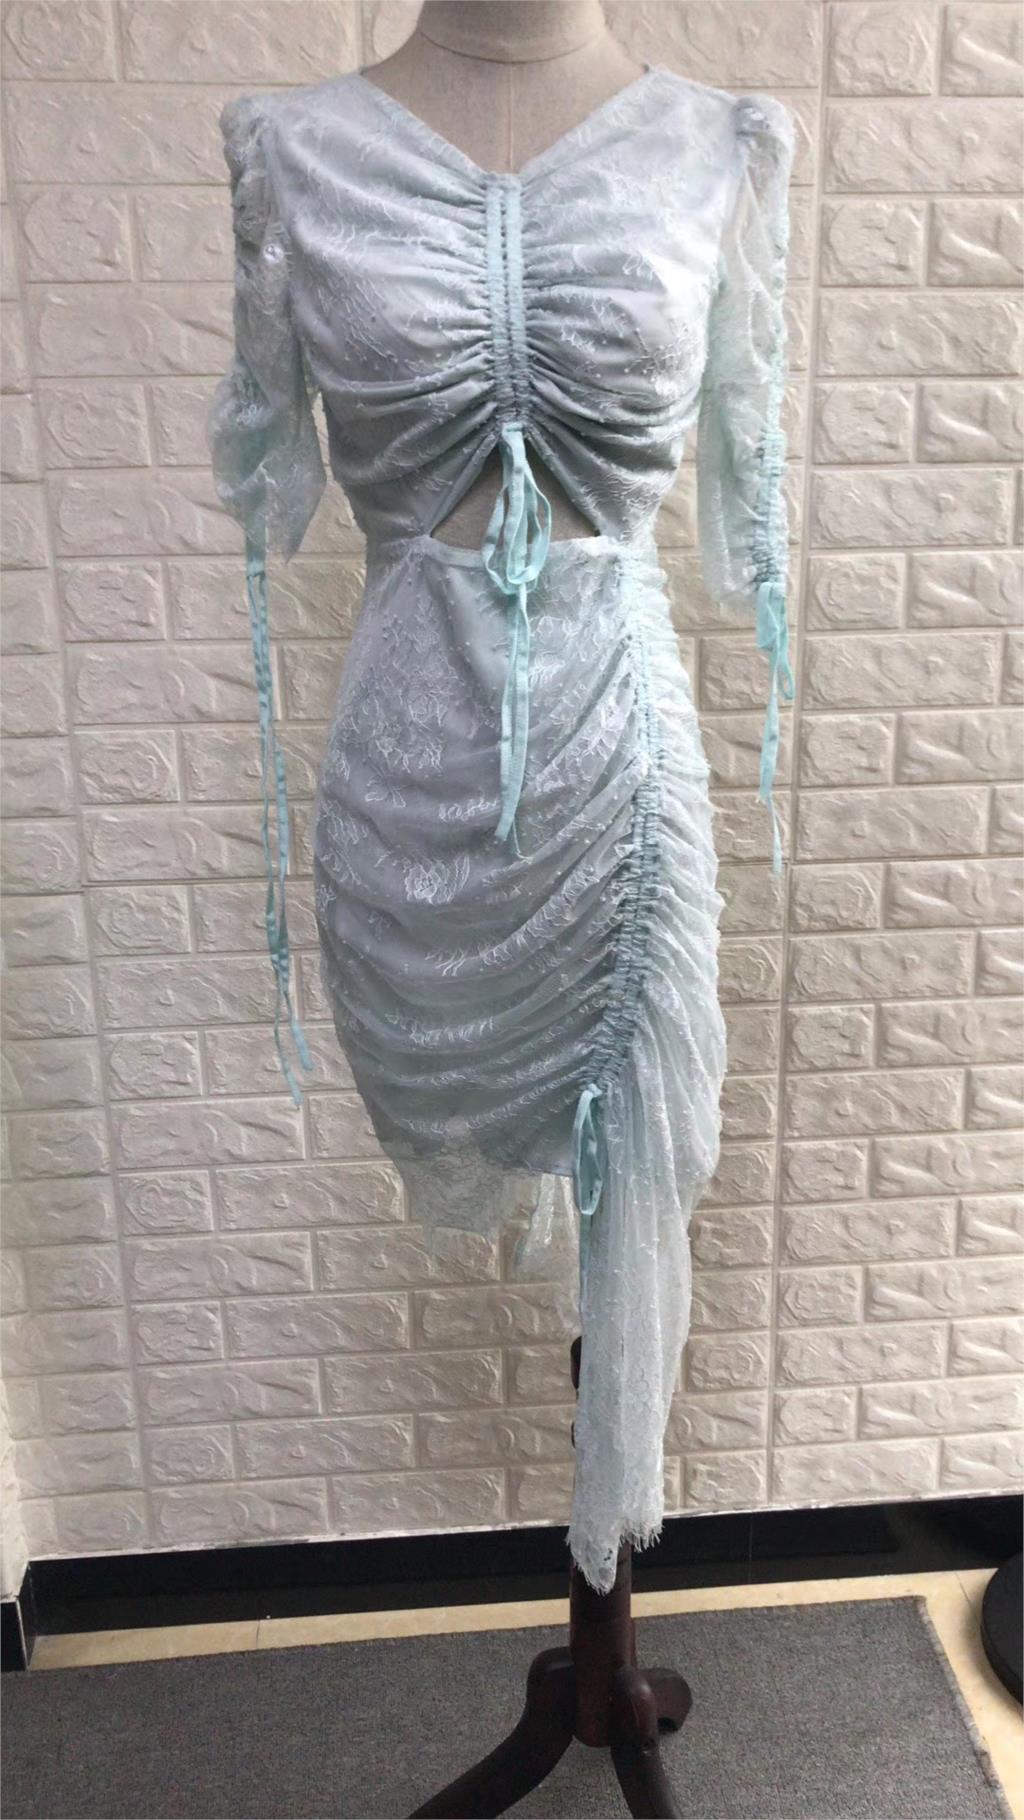 Fold Più 2019 Del Formato Manicotto Estate New Mezza Pizzo Cielo Maxi Azzurro Vendita Irregolare Diretta Delle Coulisse Abito Donne Soffio Vestito Di Il Femminile rzIpr0R